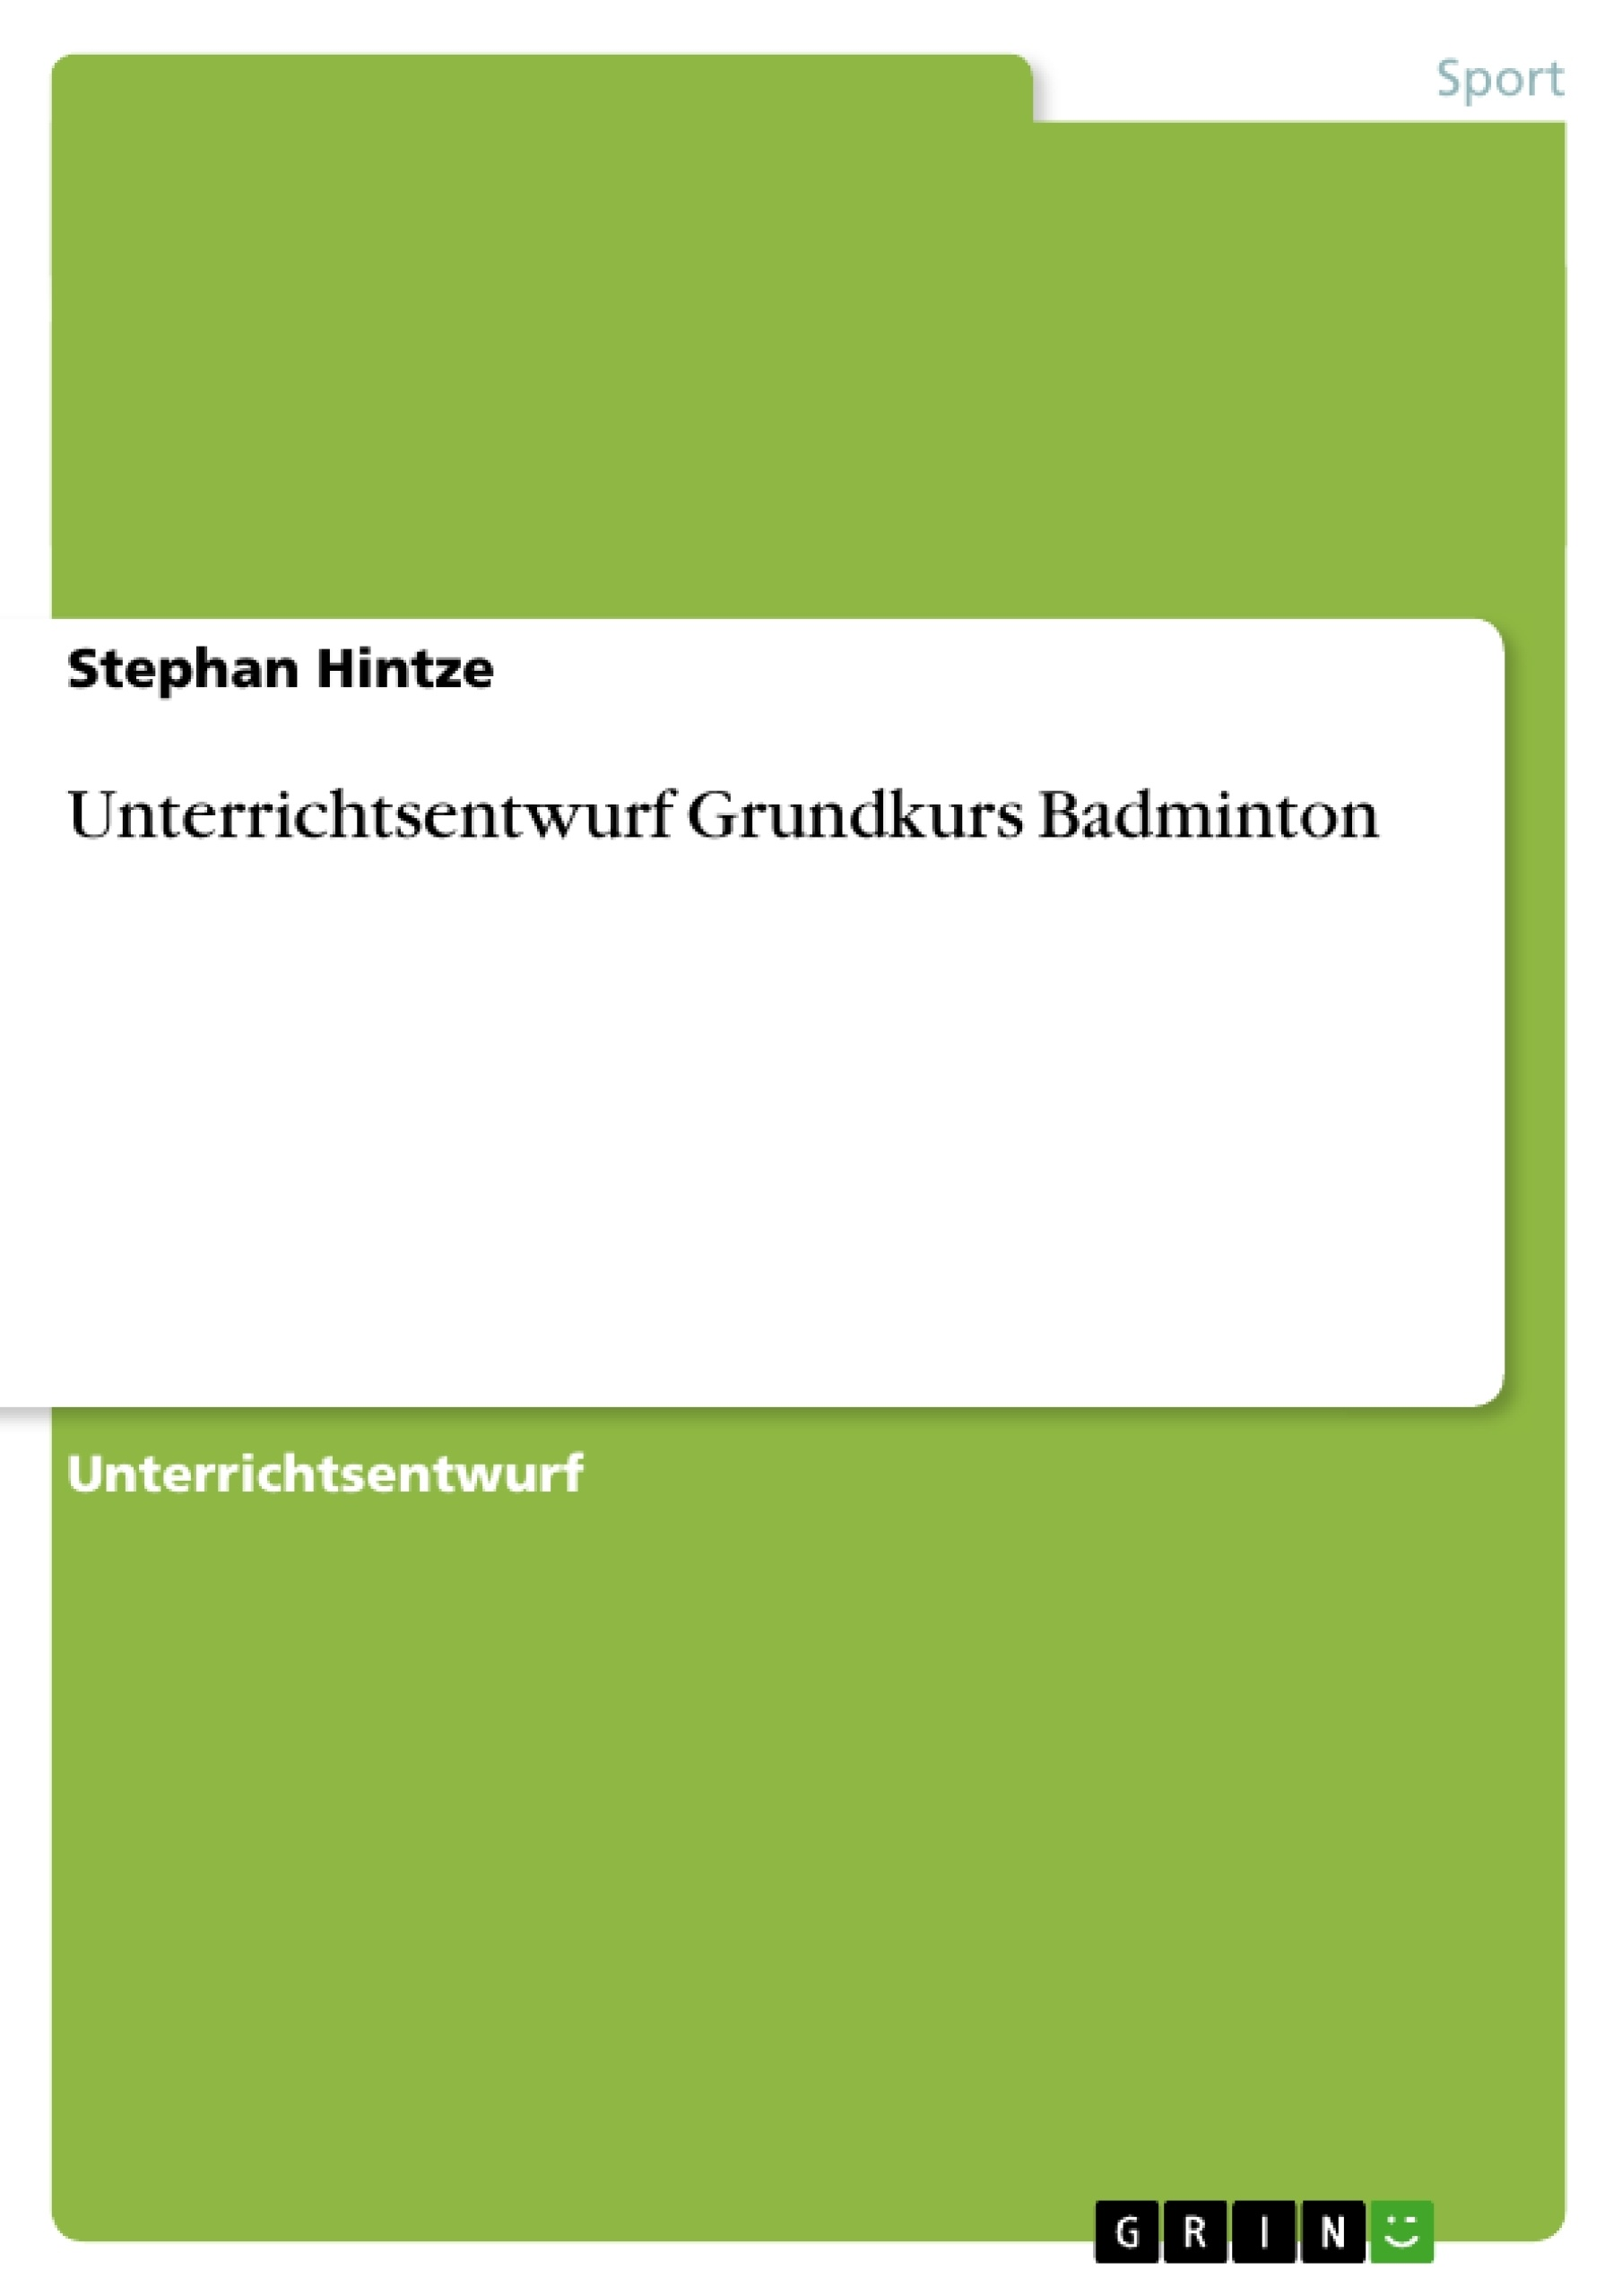 Titel: Unterrichtsentwurf Grundkurs Badminton